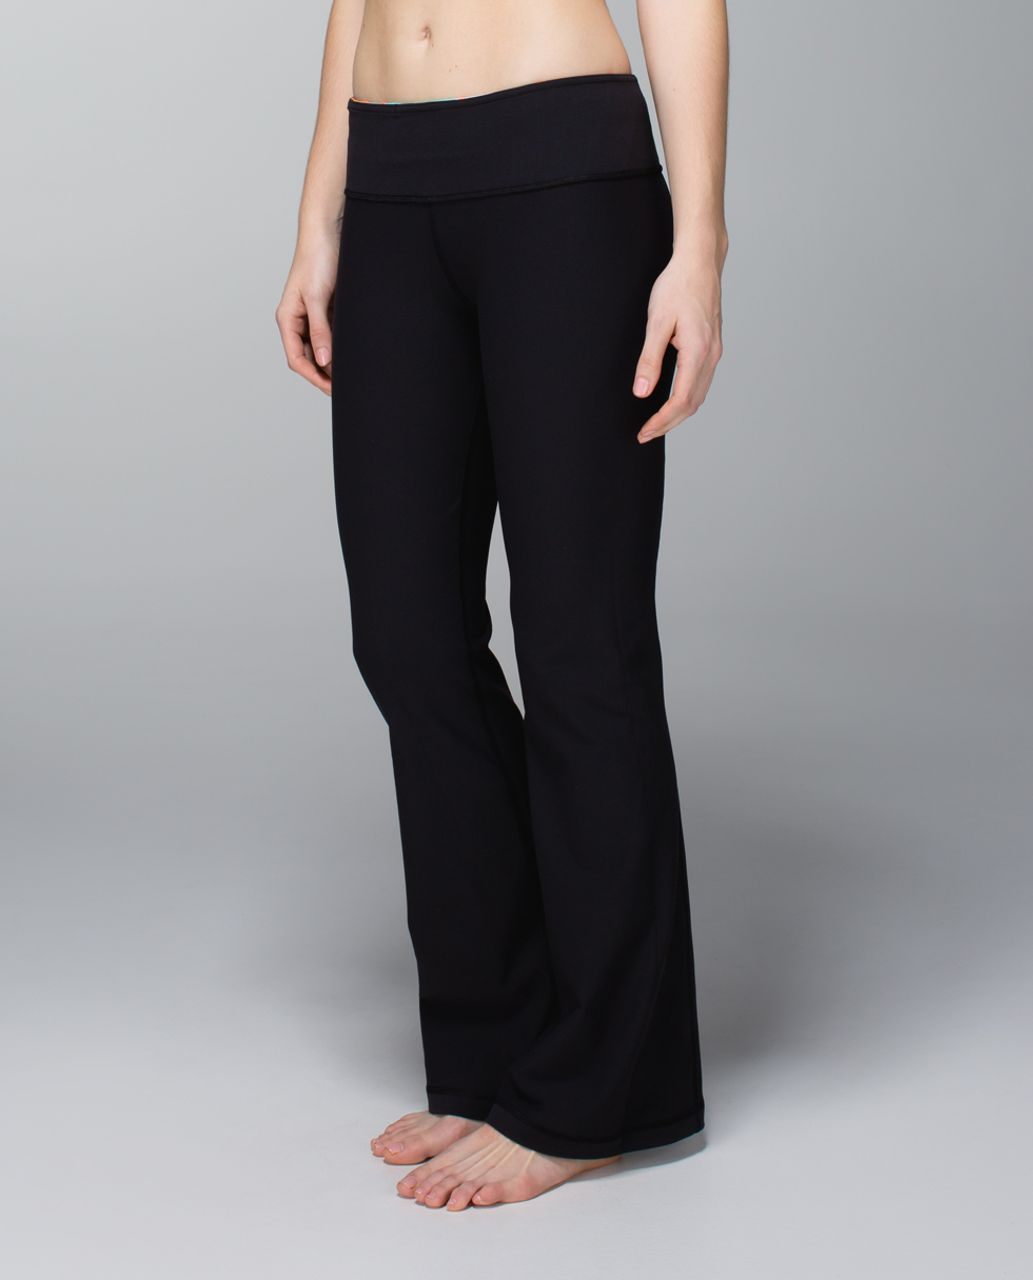 Lululemon Groove Pant (Regular) *Full-On Luon - Black / Quilt Spring 14-10